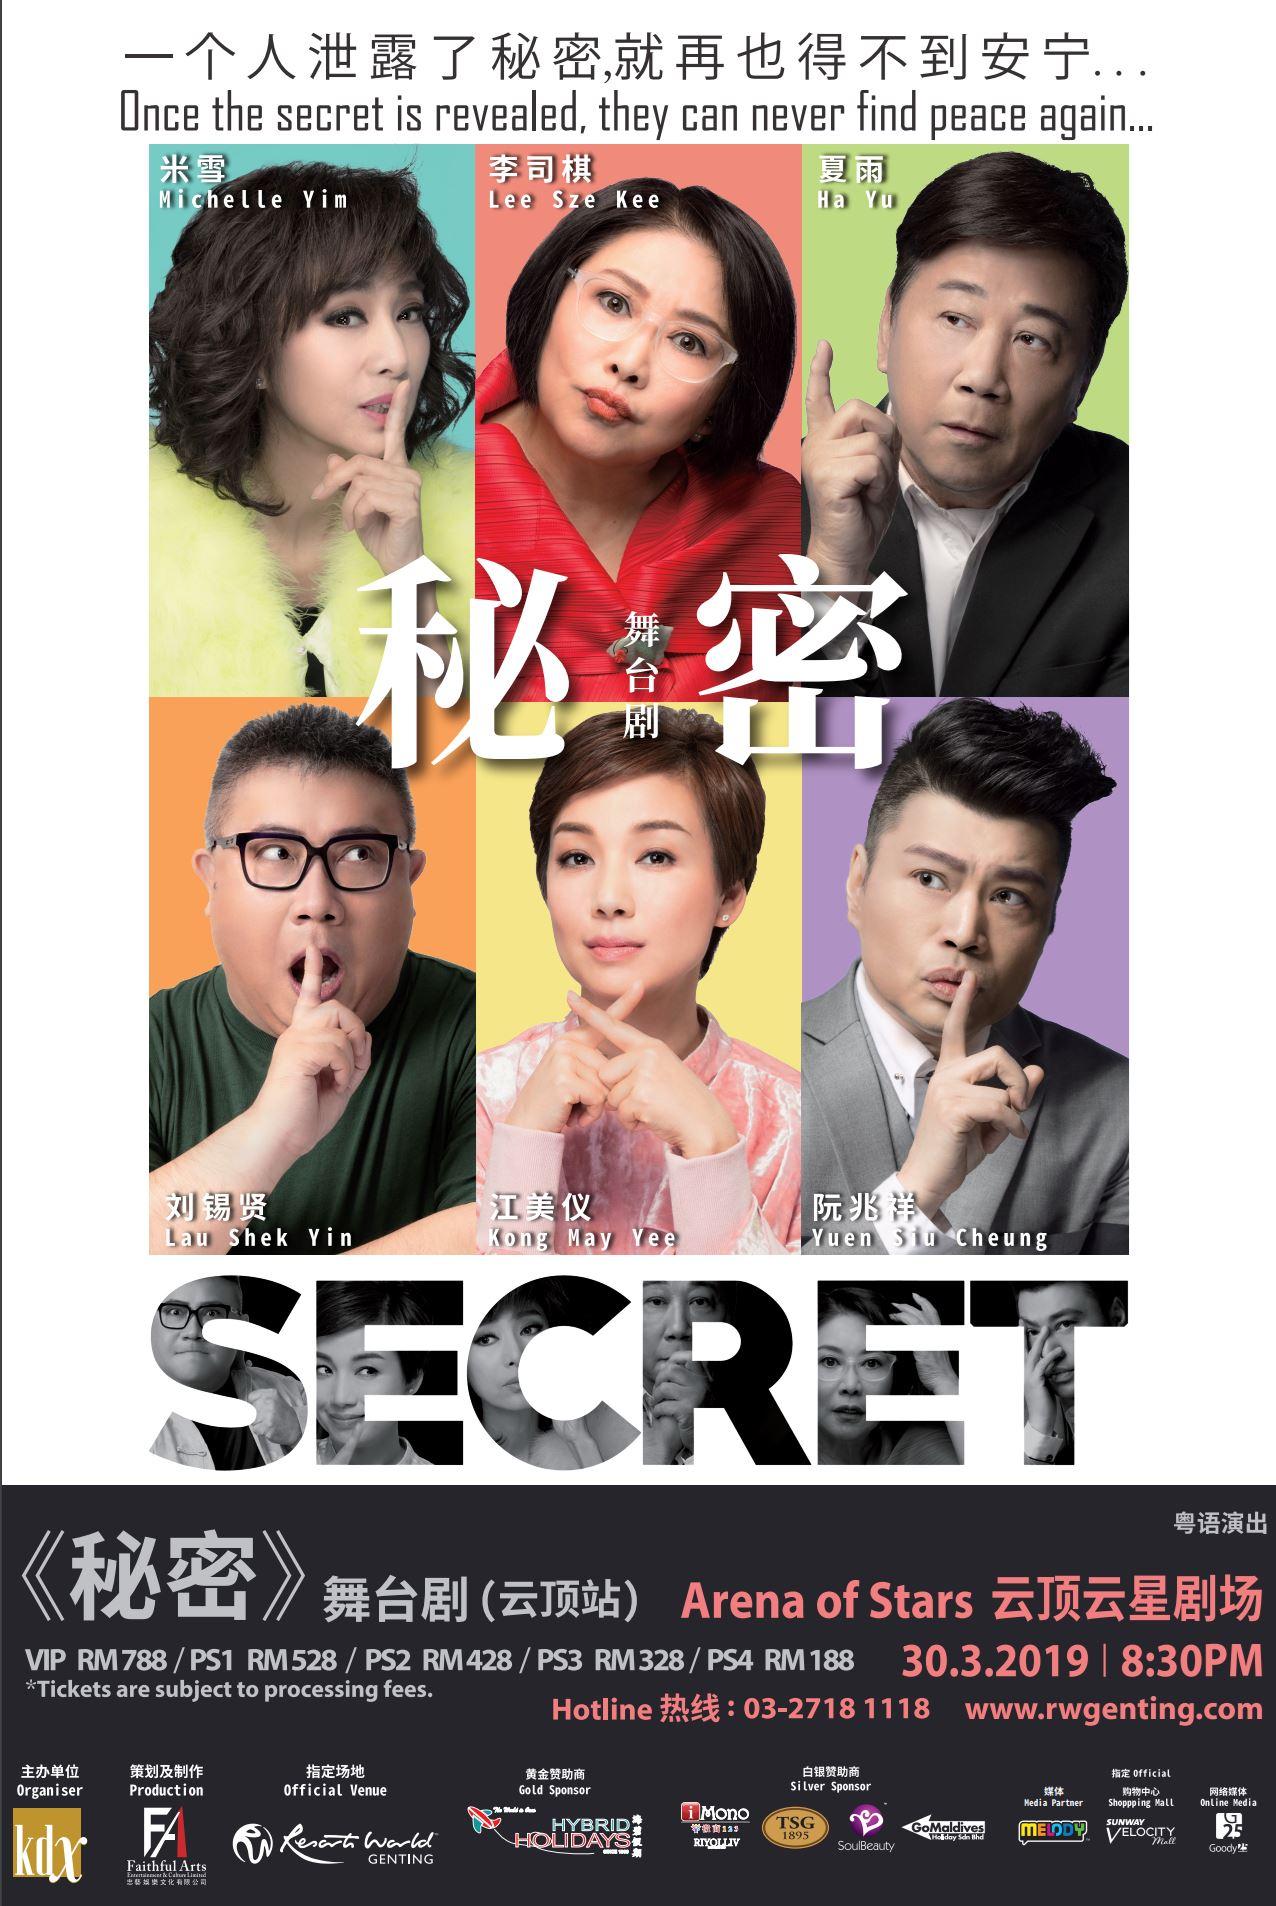 《秘密》舞台剧